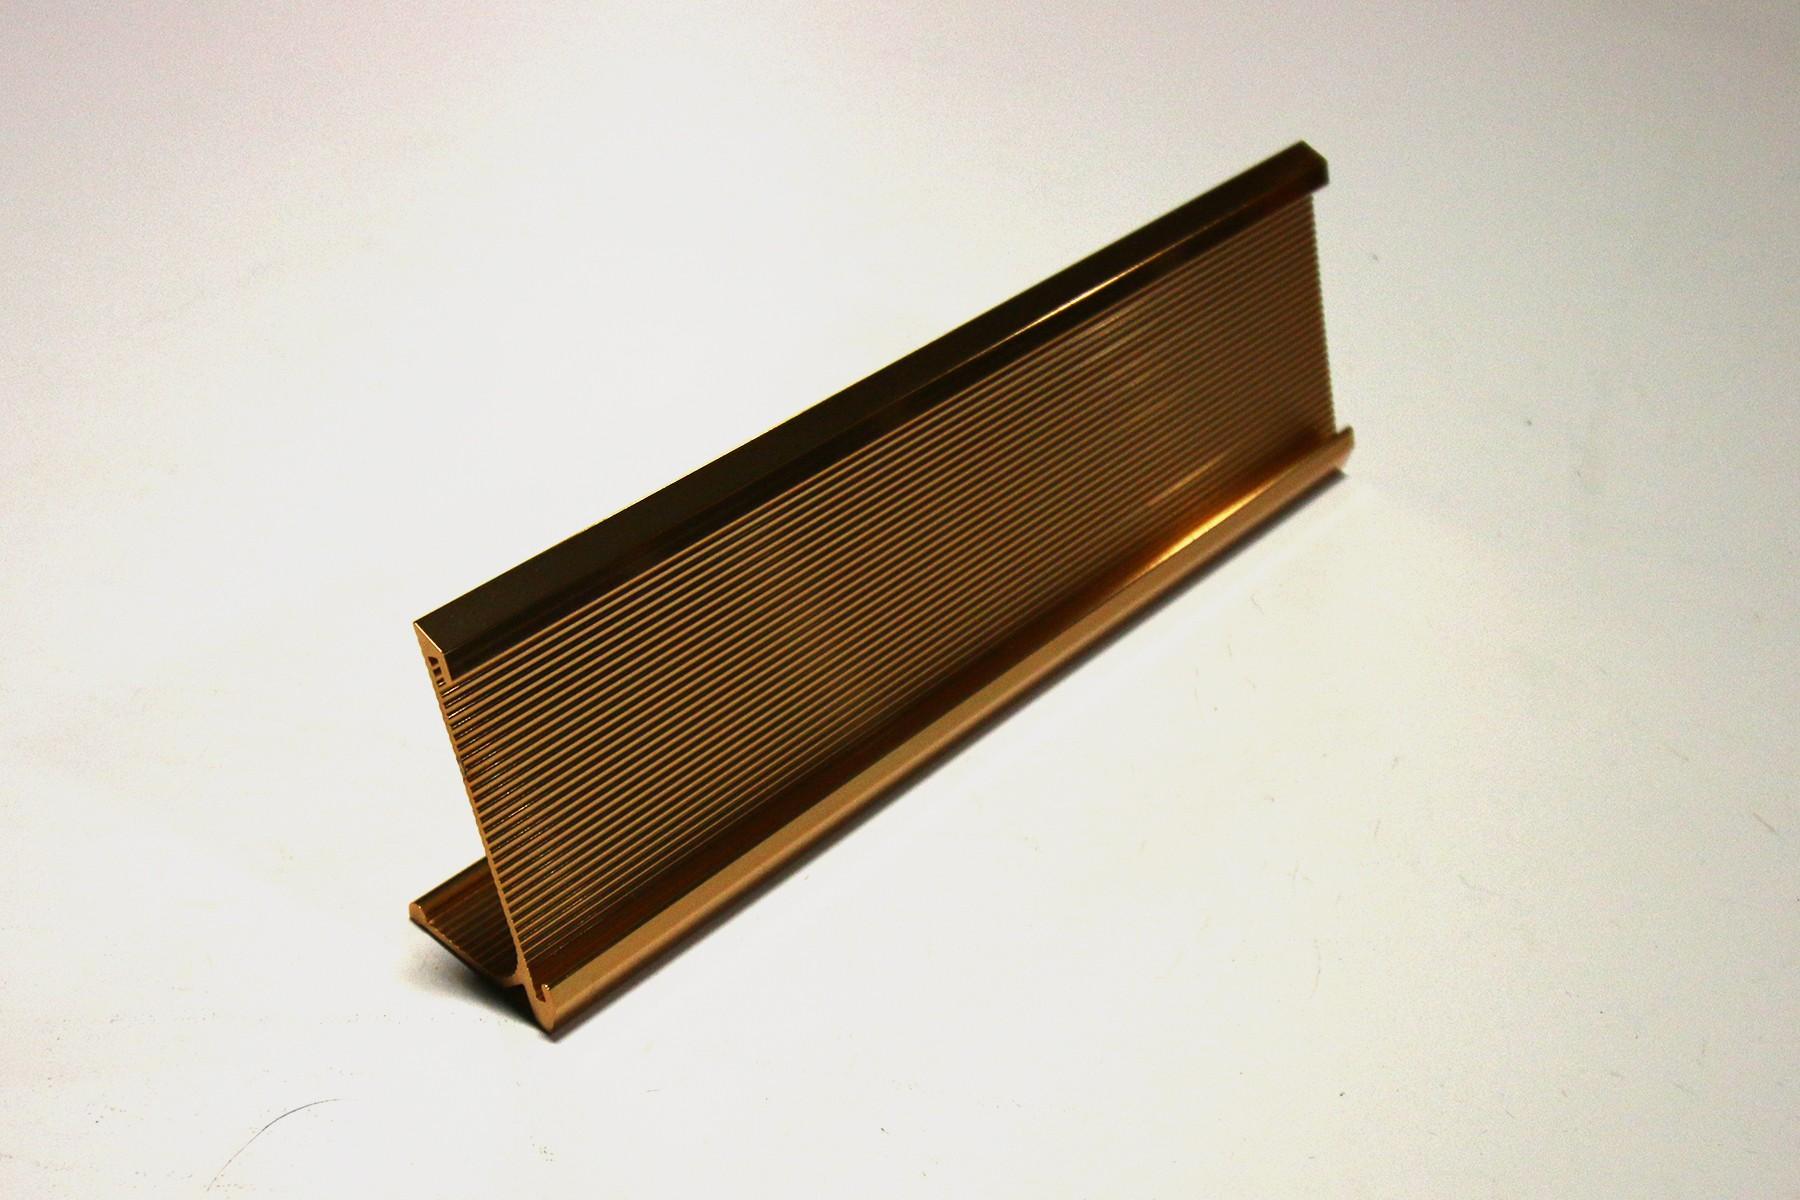 2 x 8 Ribbed Desk Holder, Gold